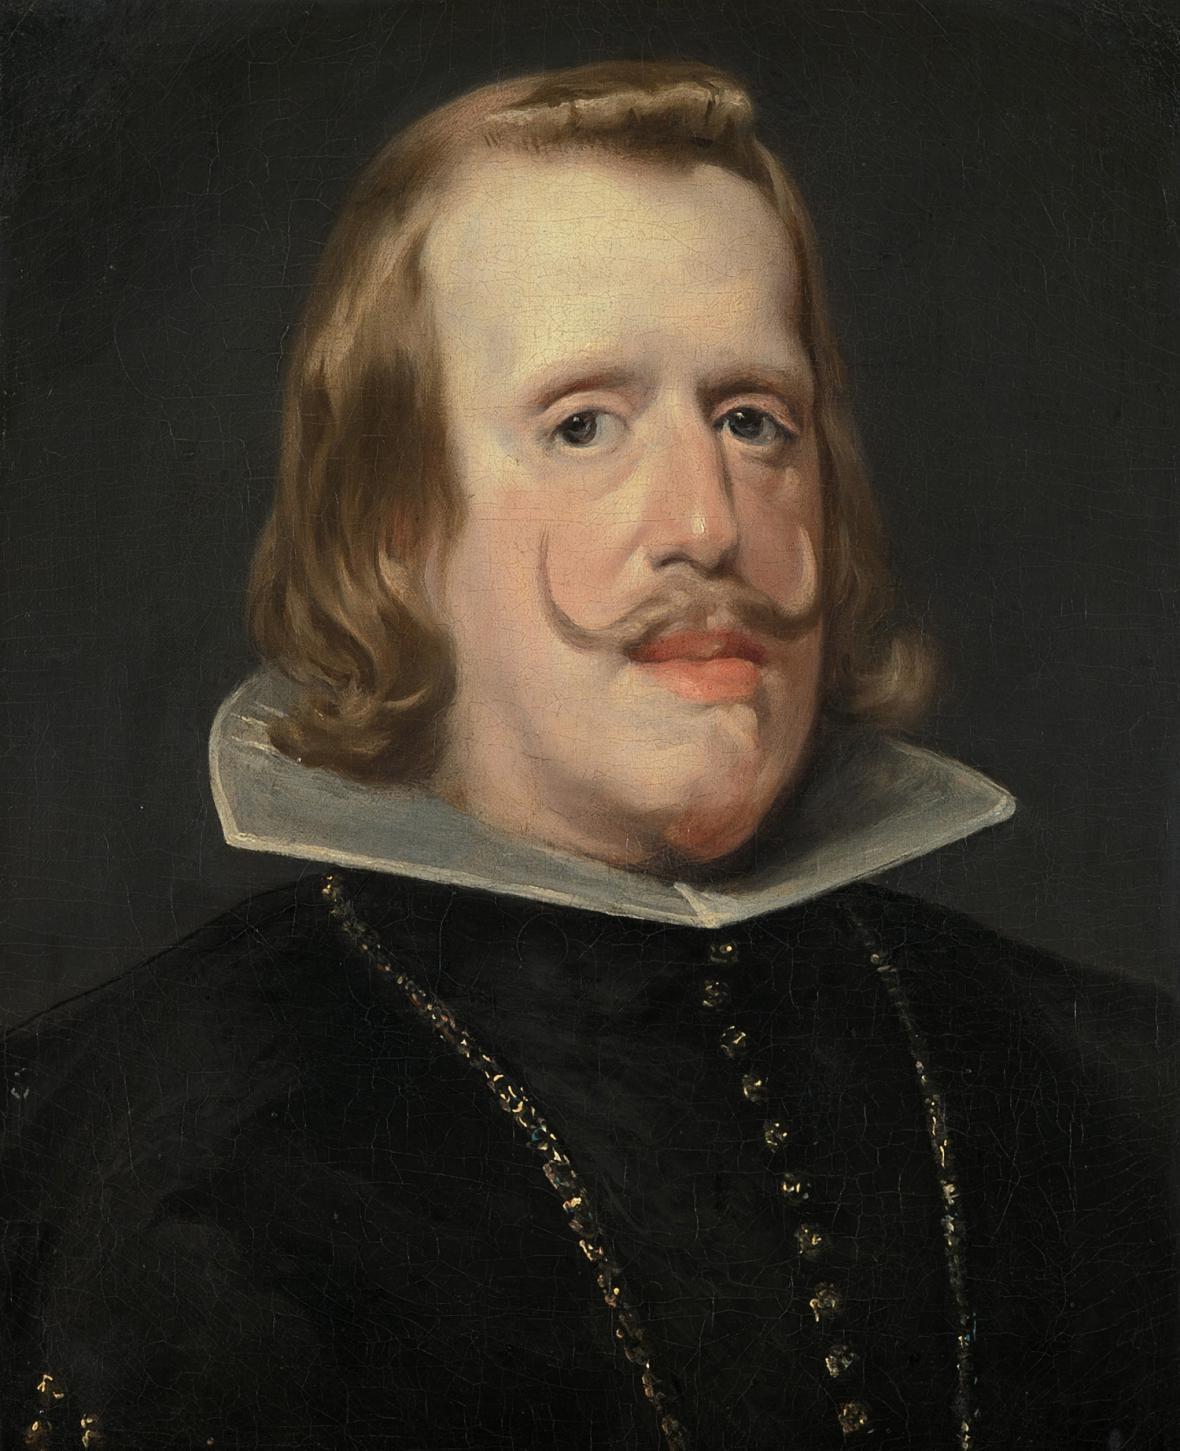 Diego Velázquez / španělský král Filip IV., 1653-56/59